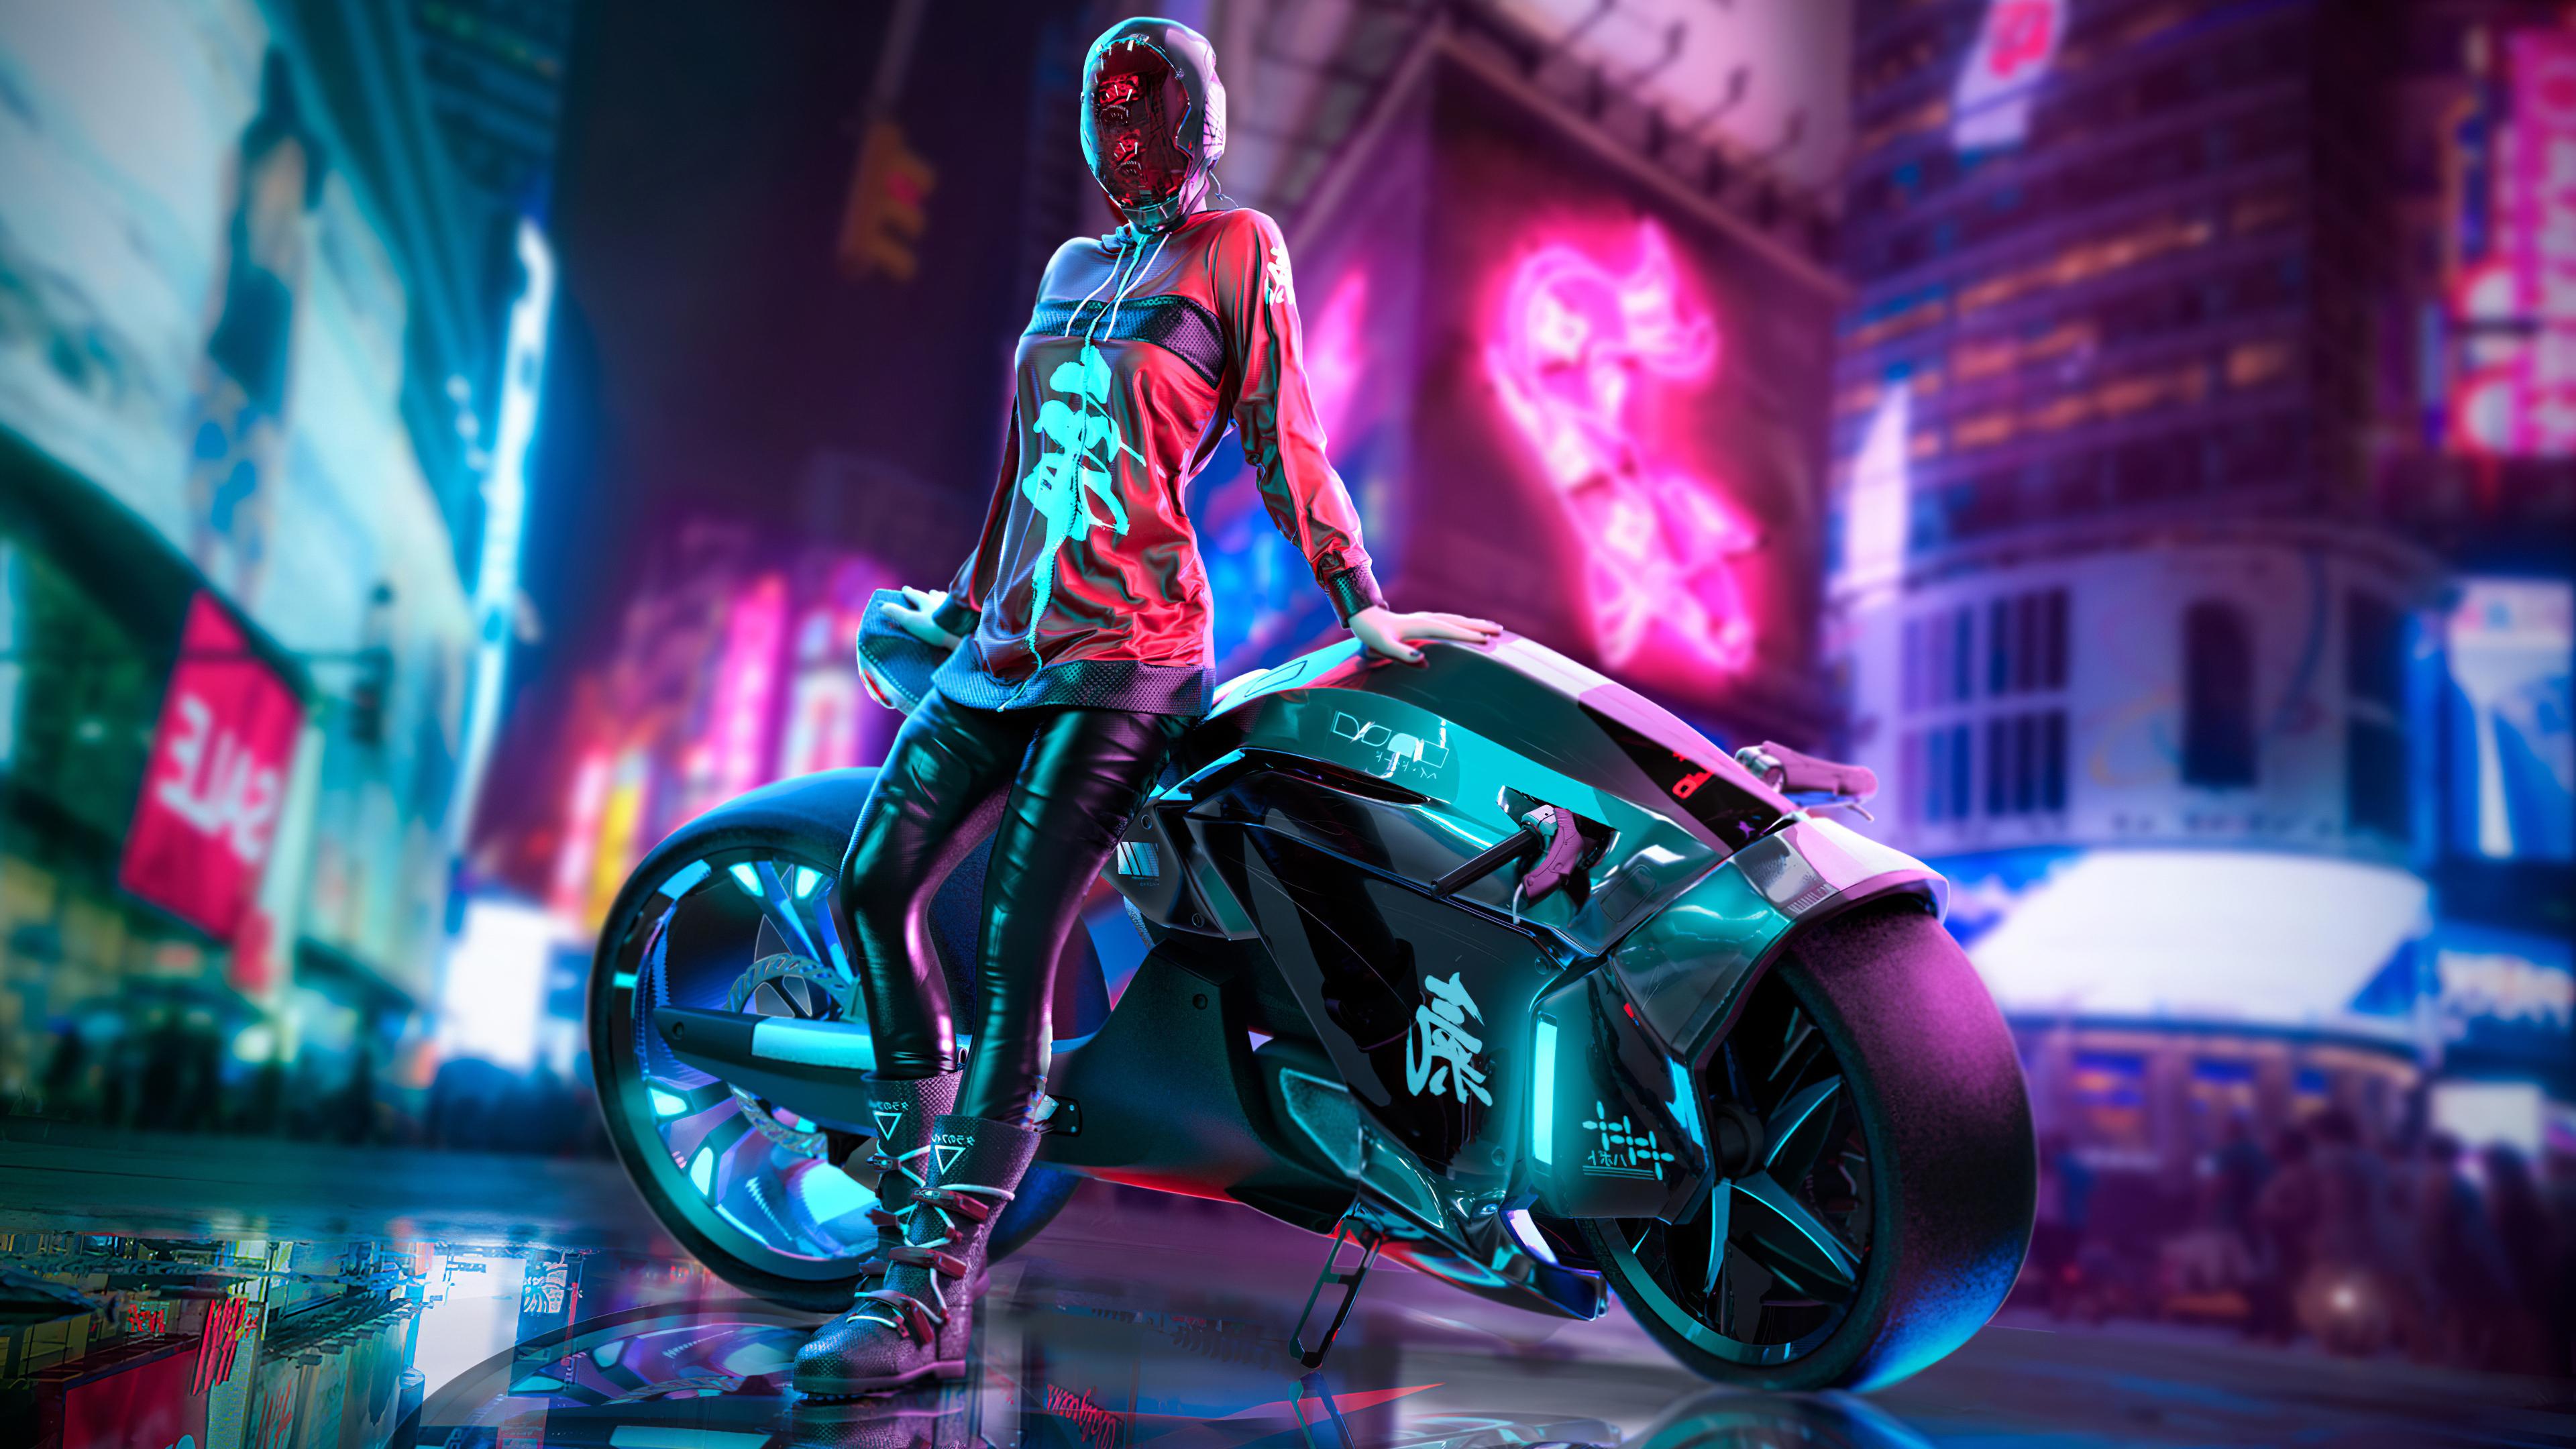 biker-cyberpunk-girl-4k-sf.jpg